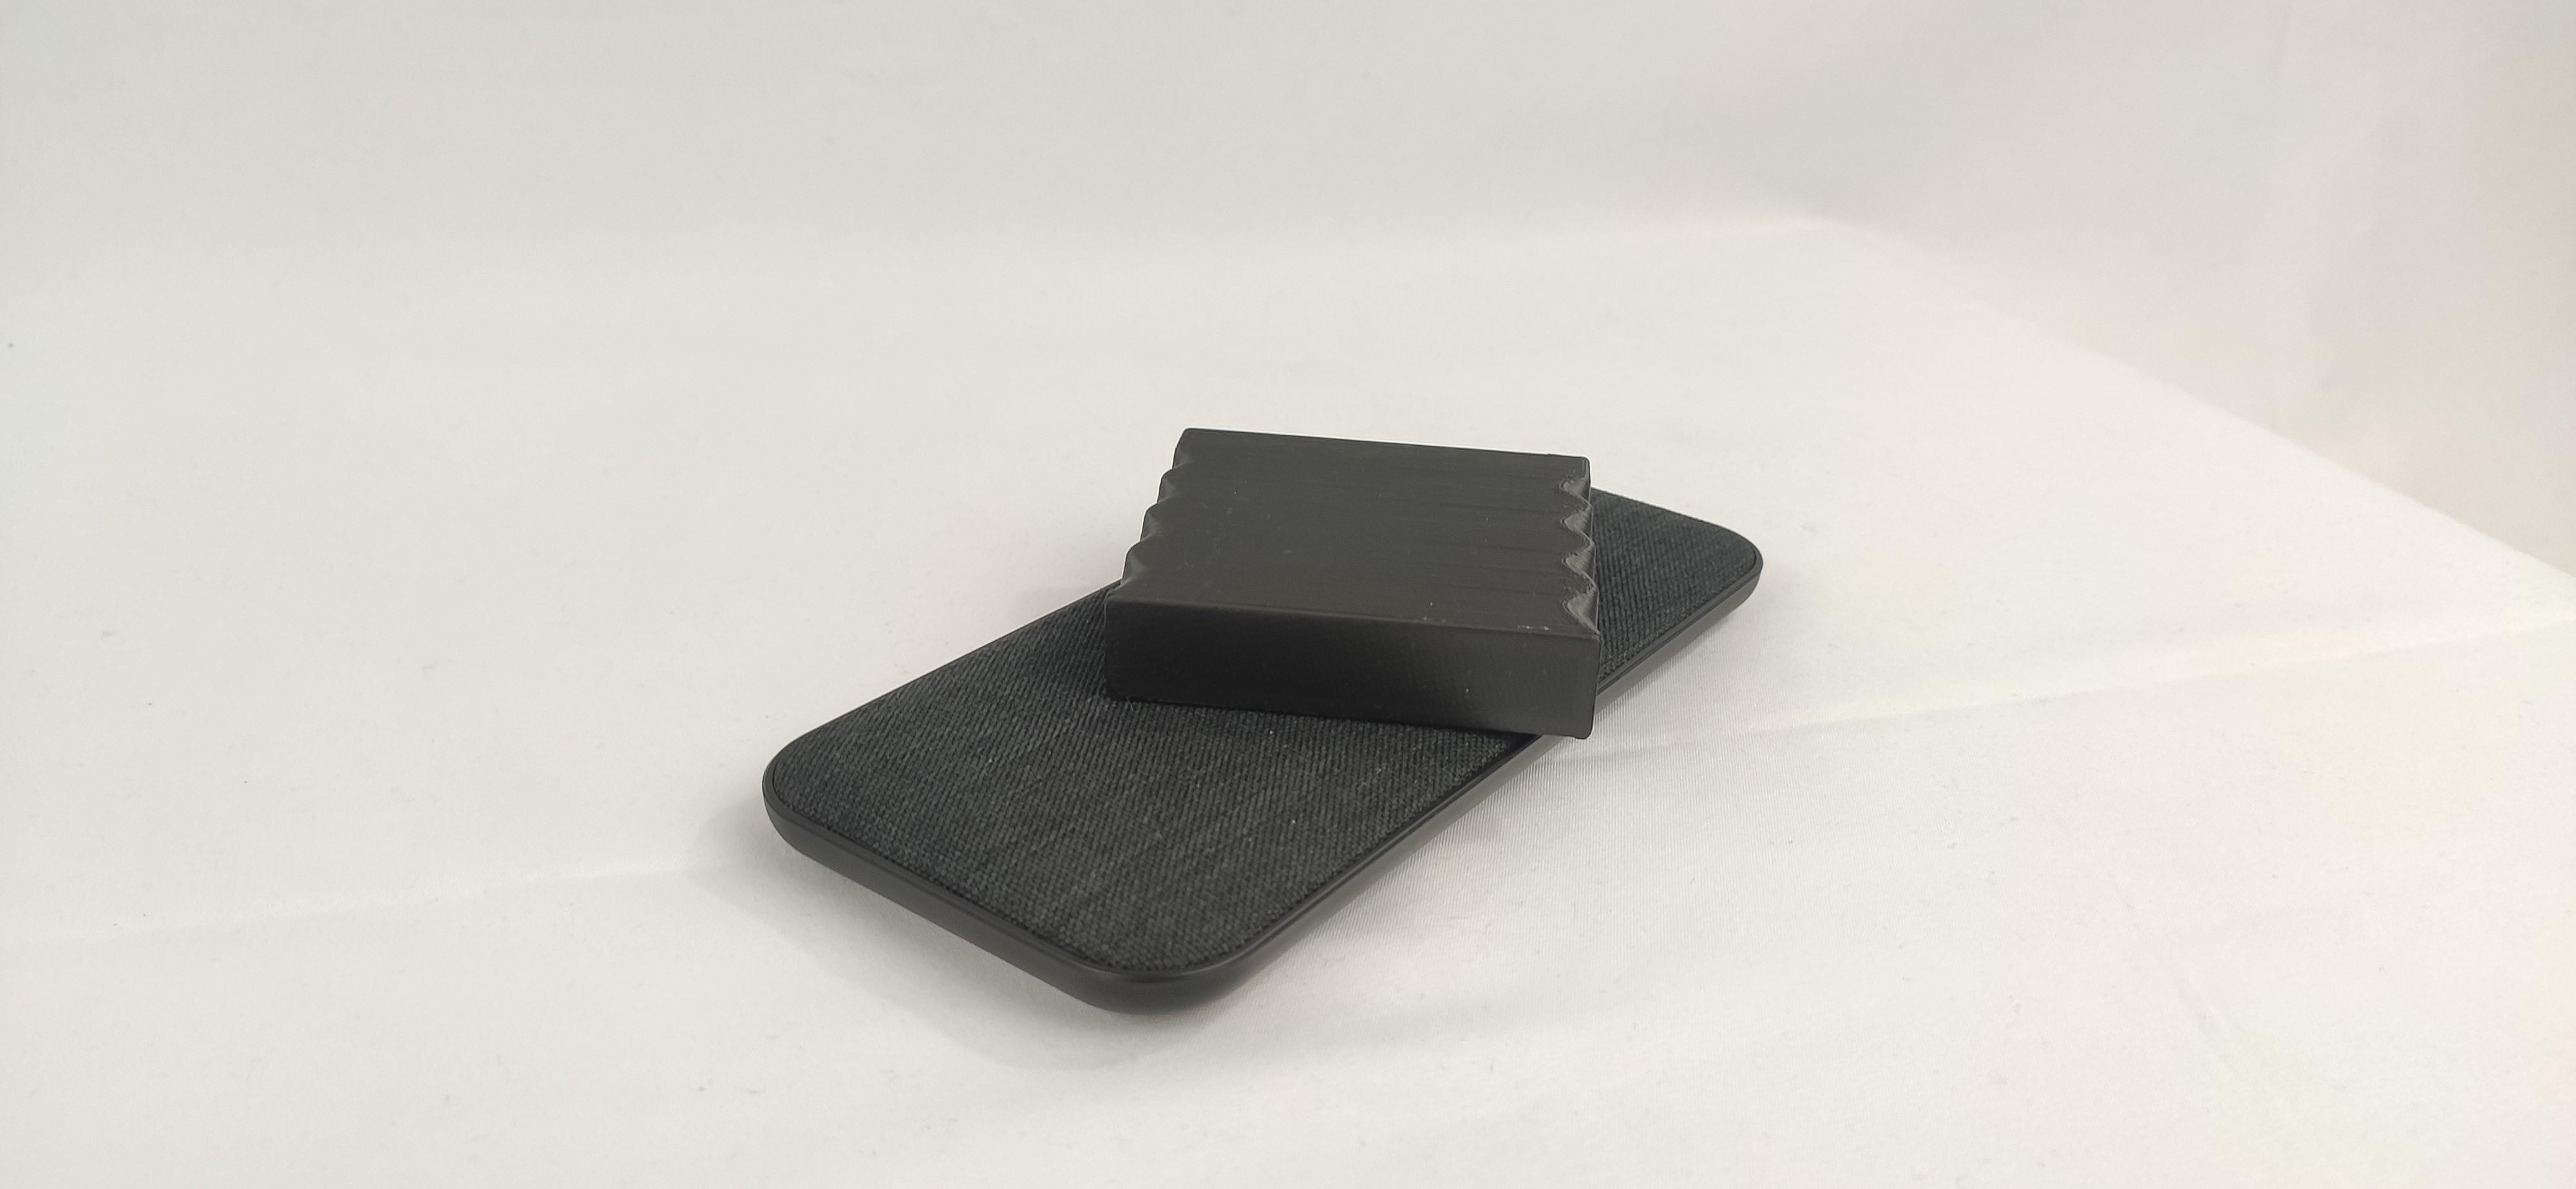 Charging pocket magnet tracker